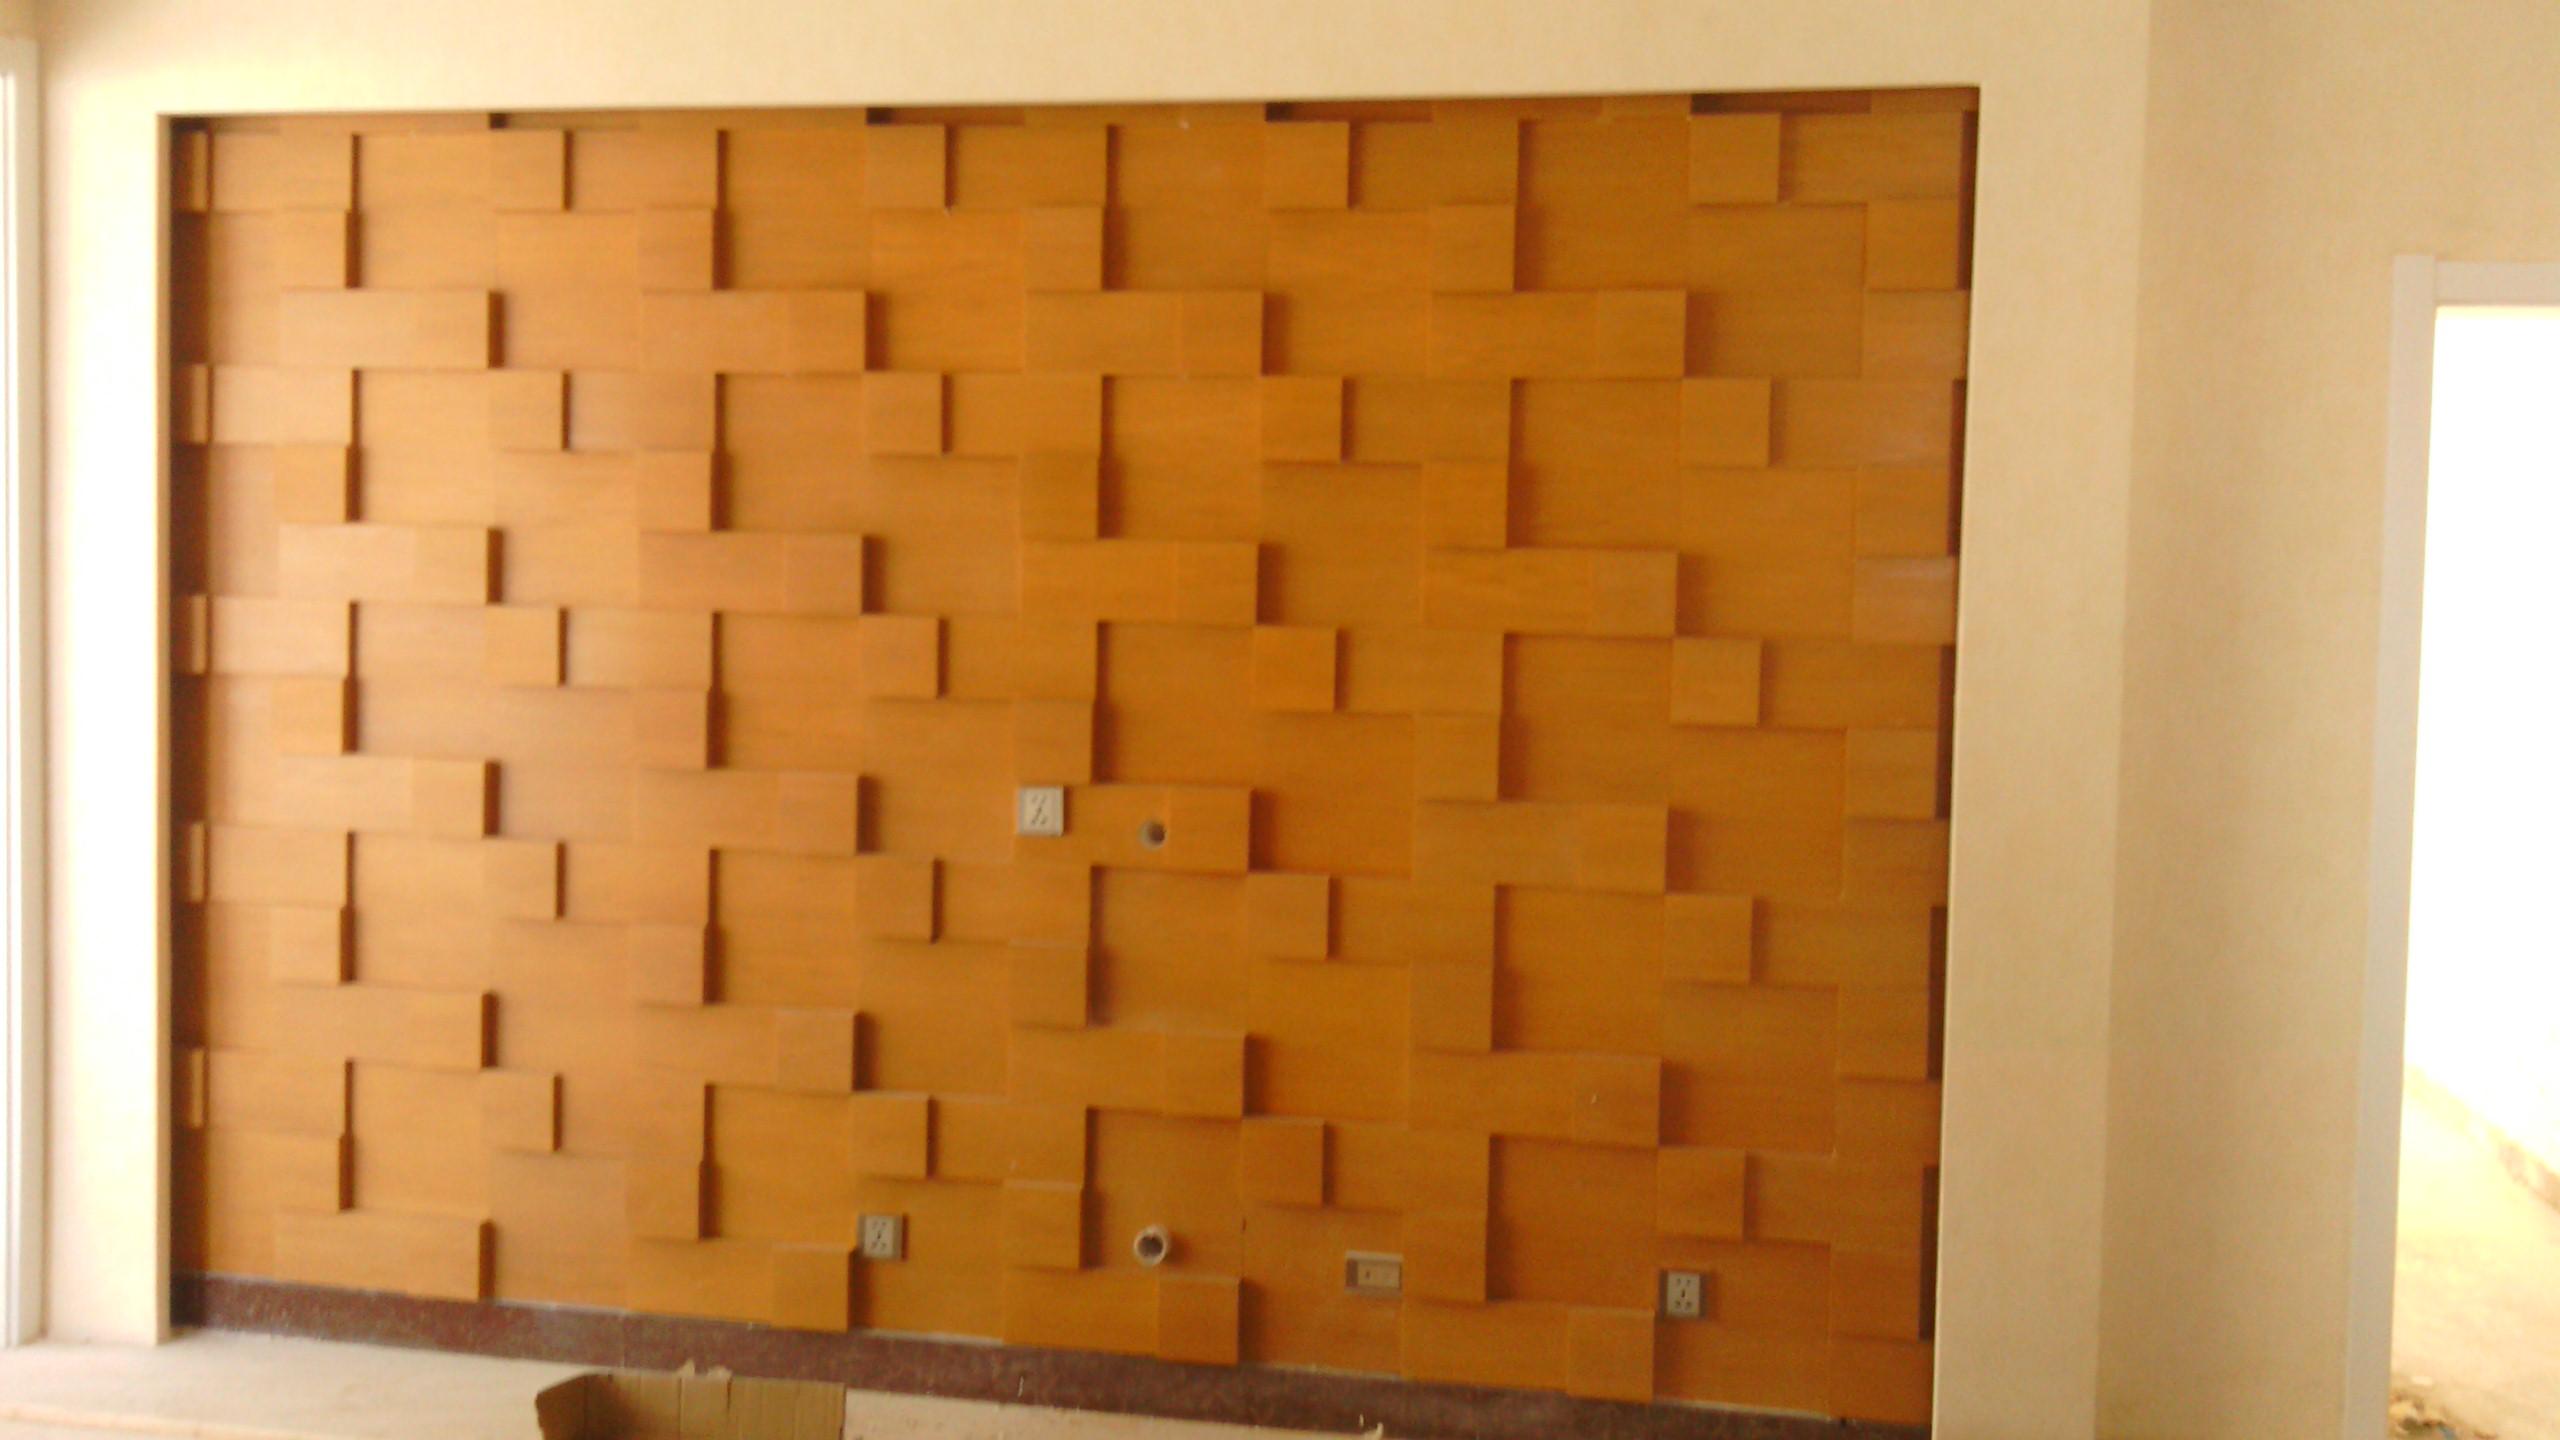 室内墙面装饰材料的种类主要有哪些?图片